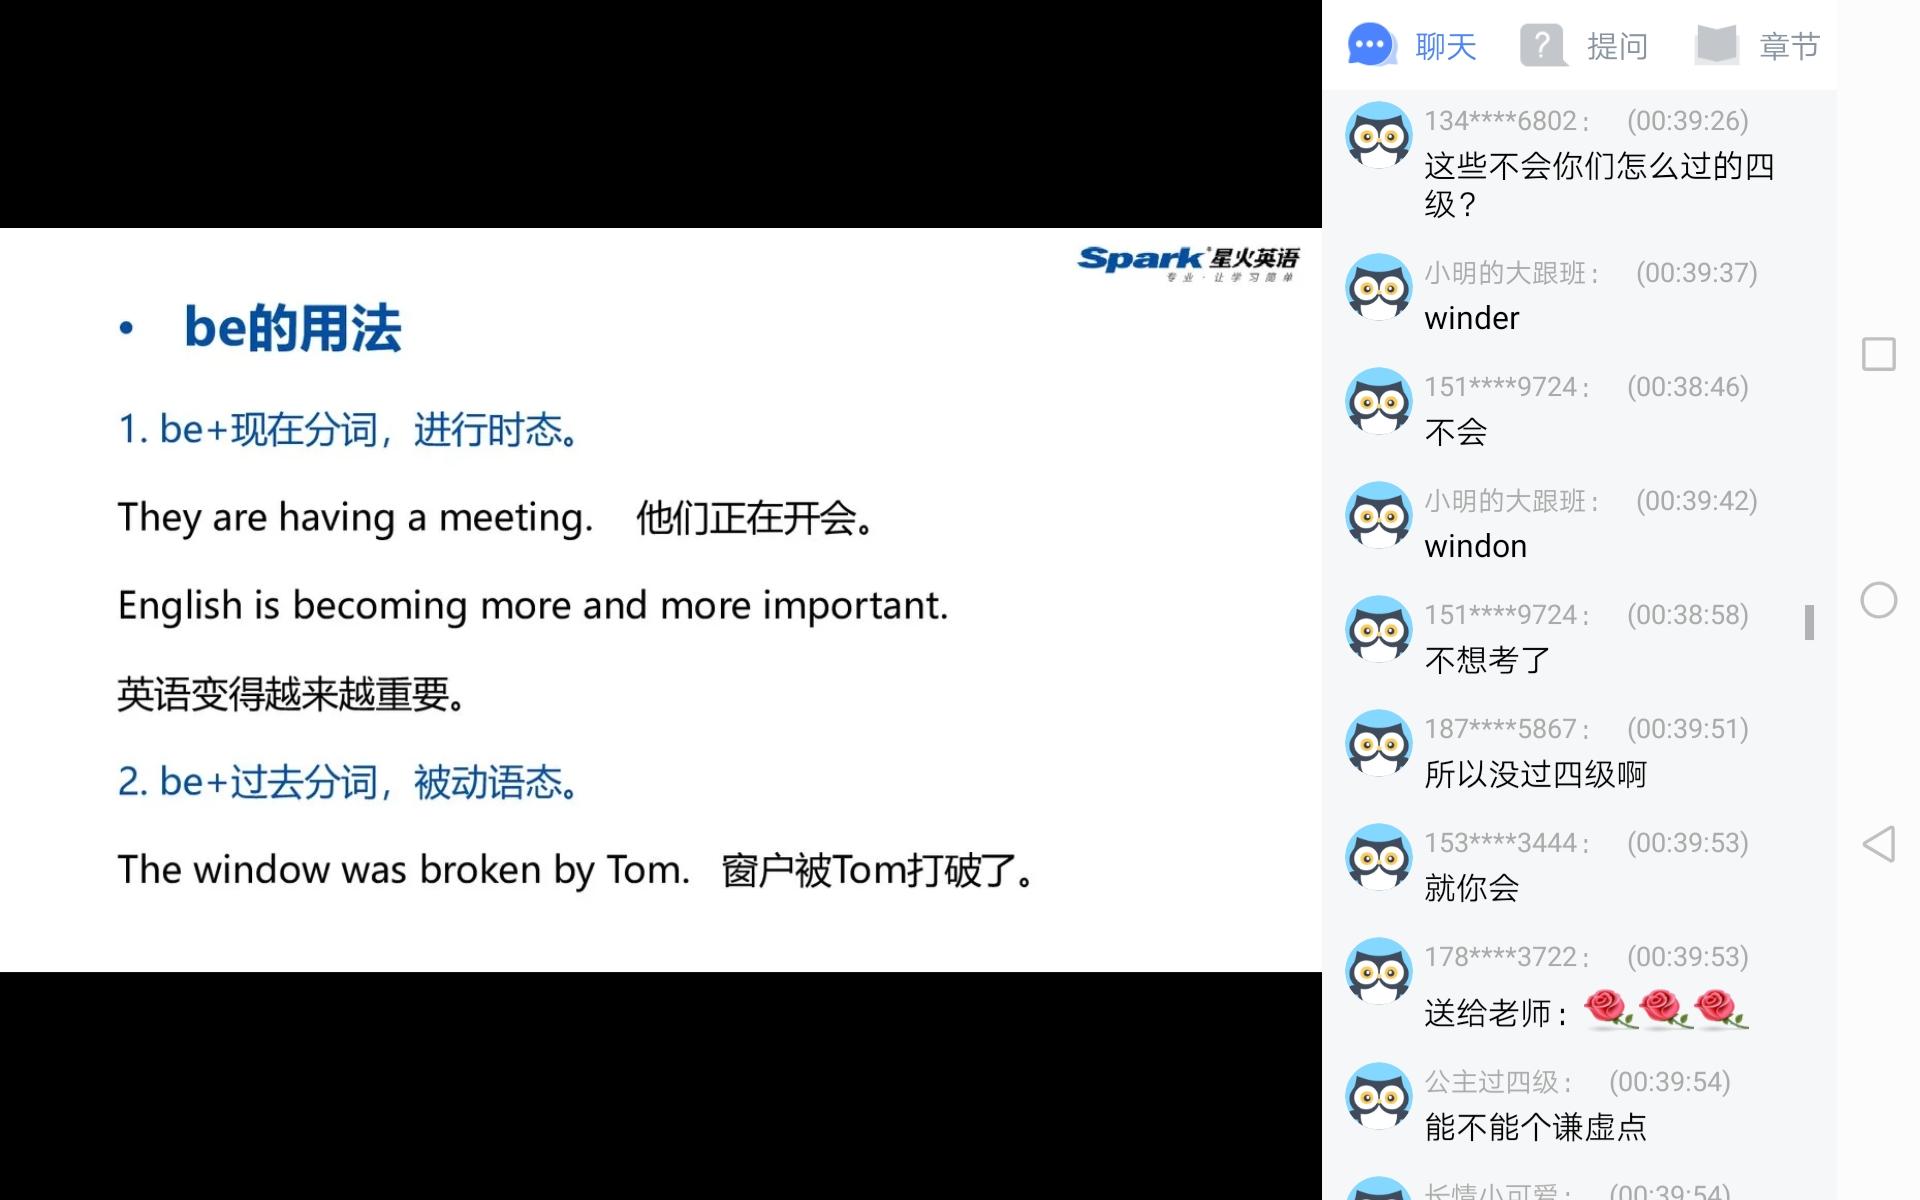 Screenshot_20190926_223348_tuoyan.com.xinghuo_day.jpg